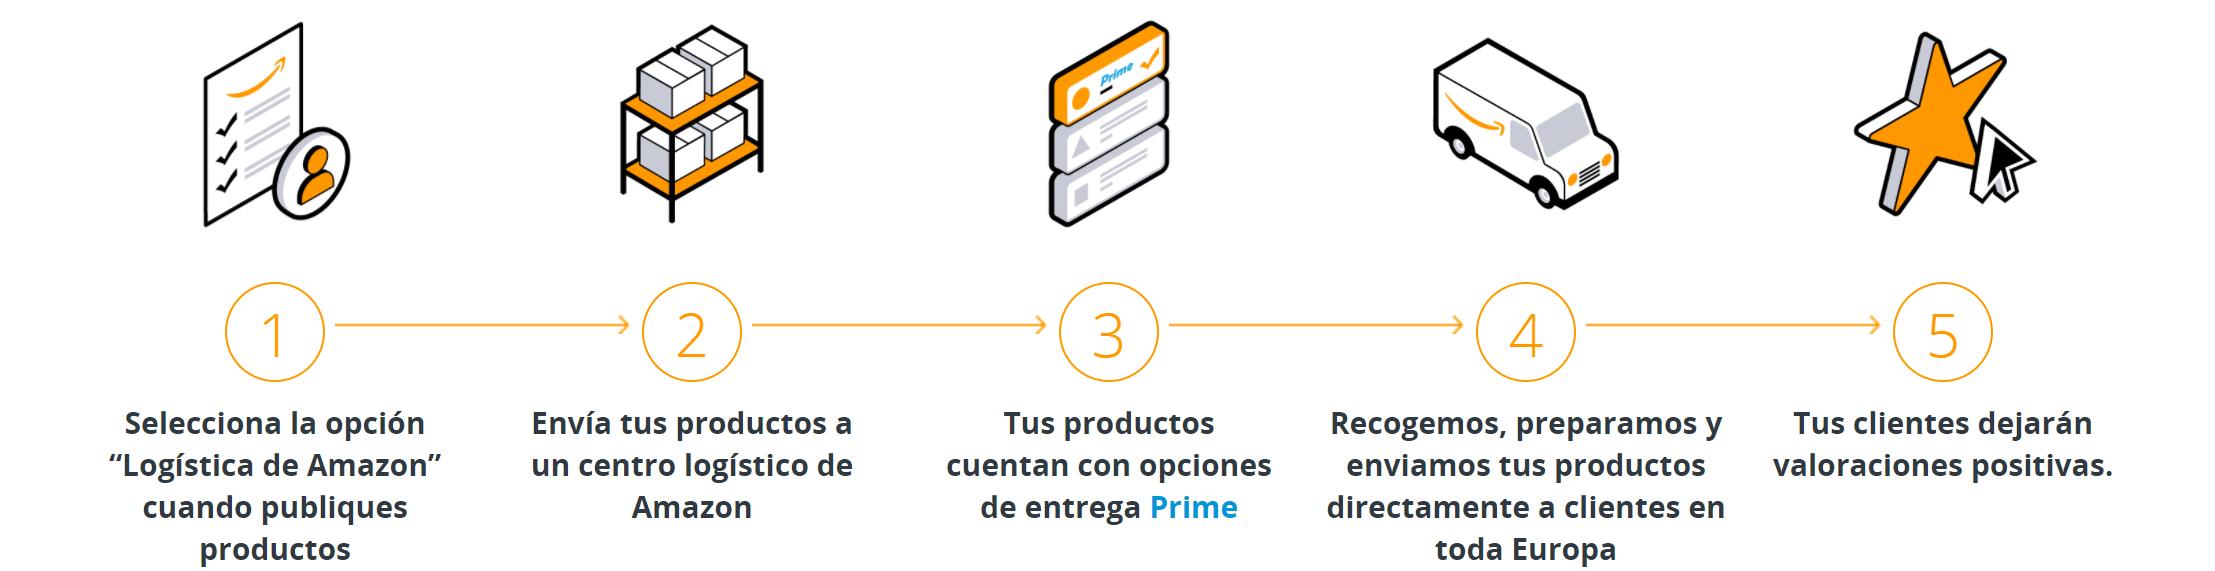 proceso logística de amazon